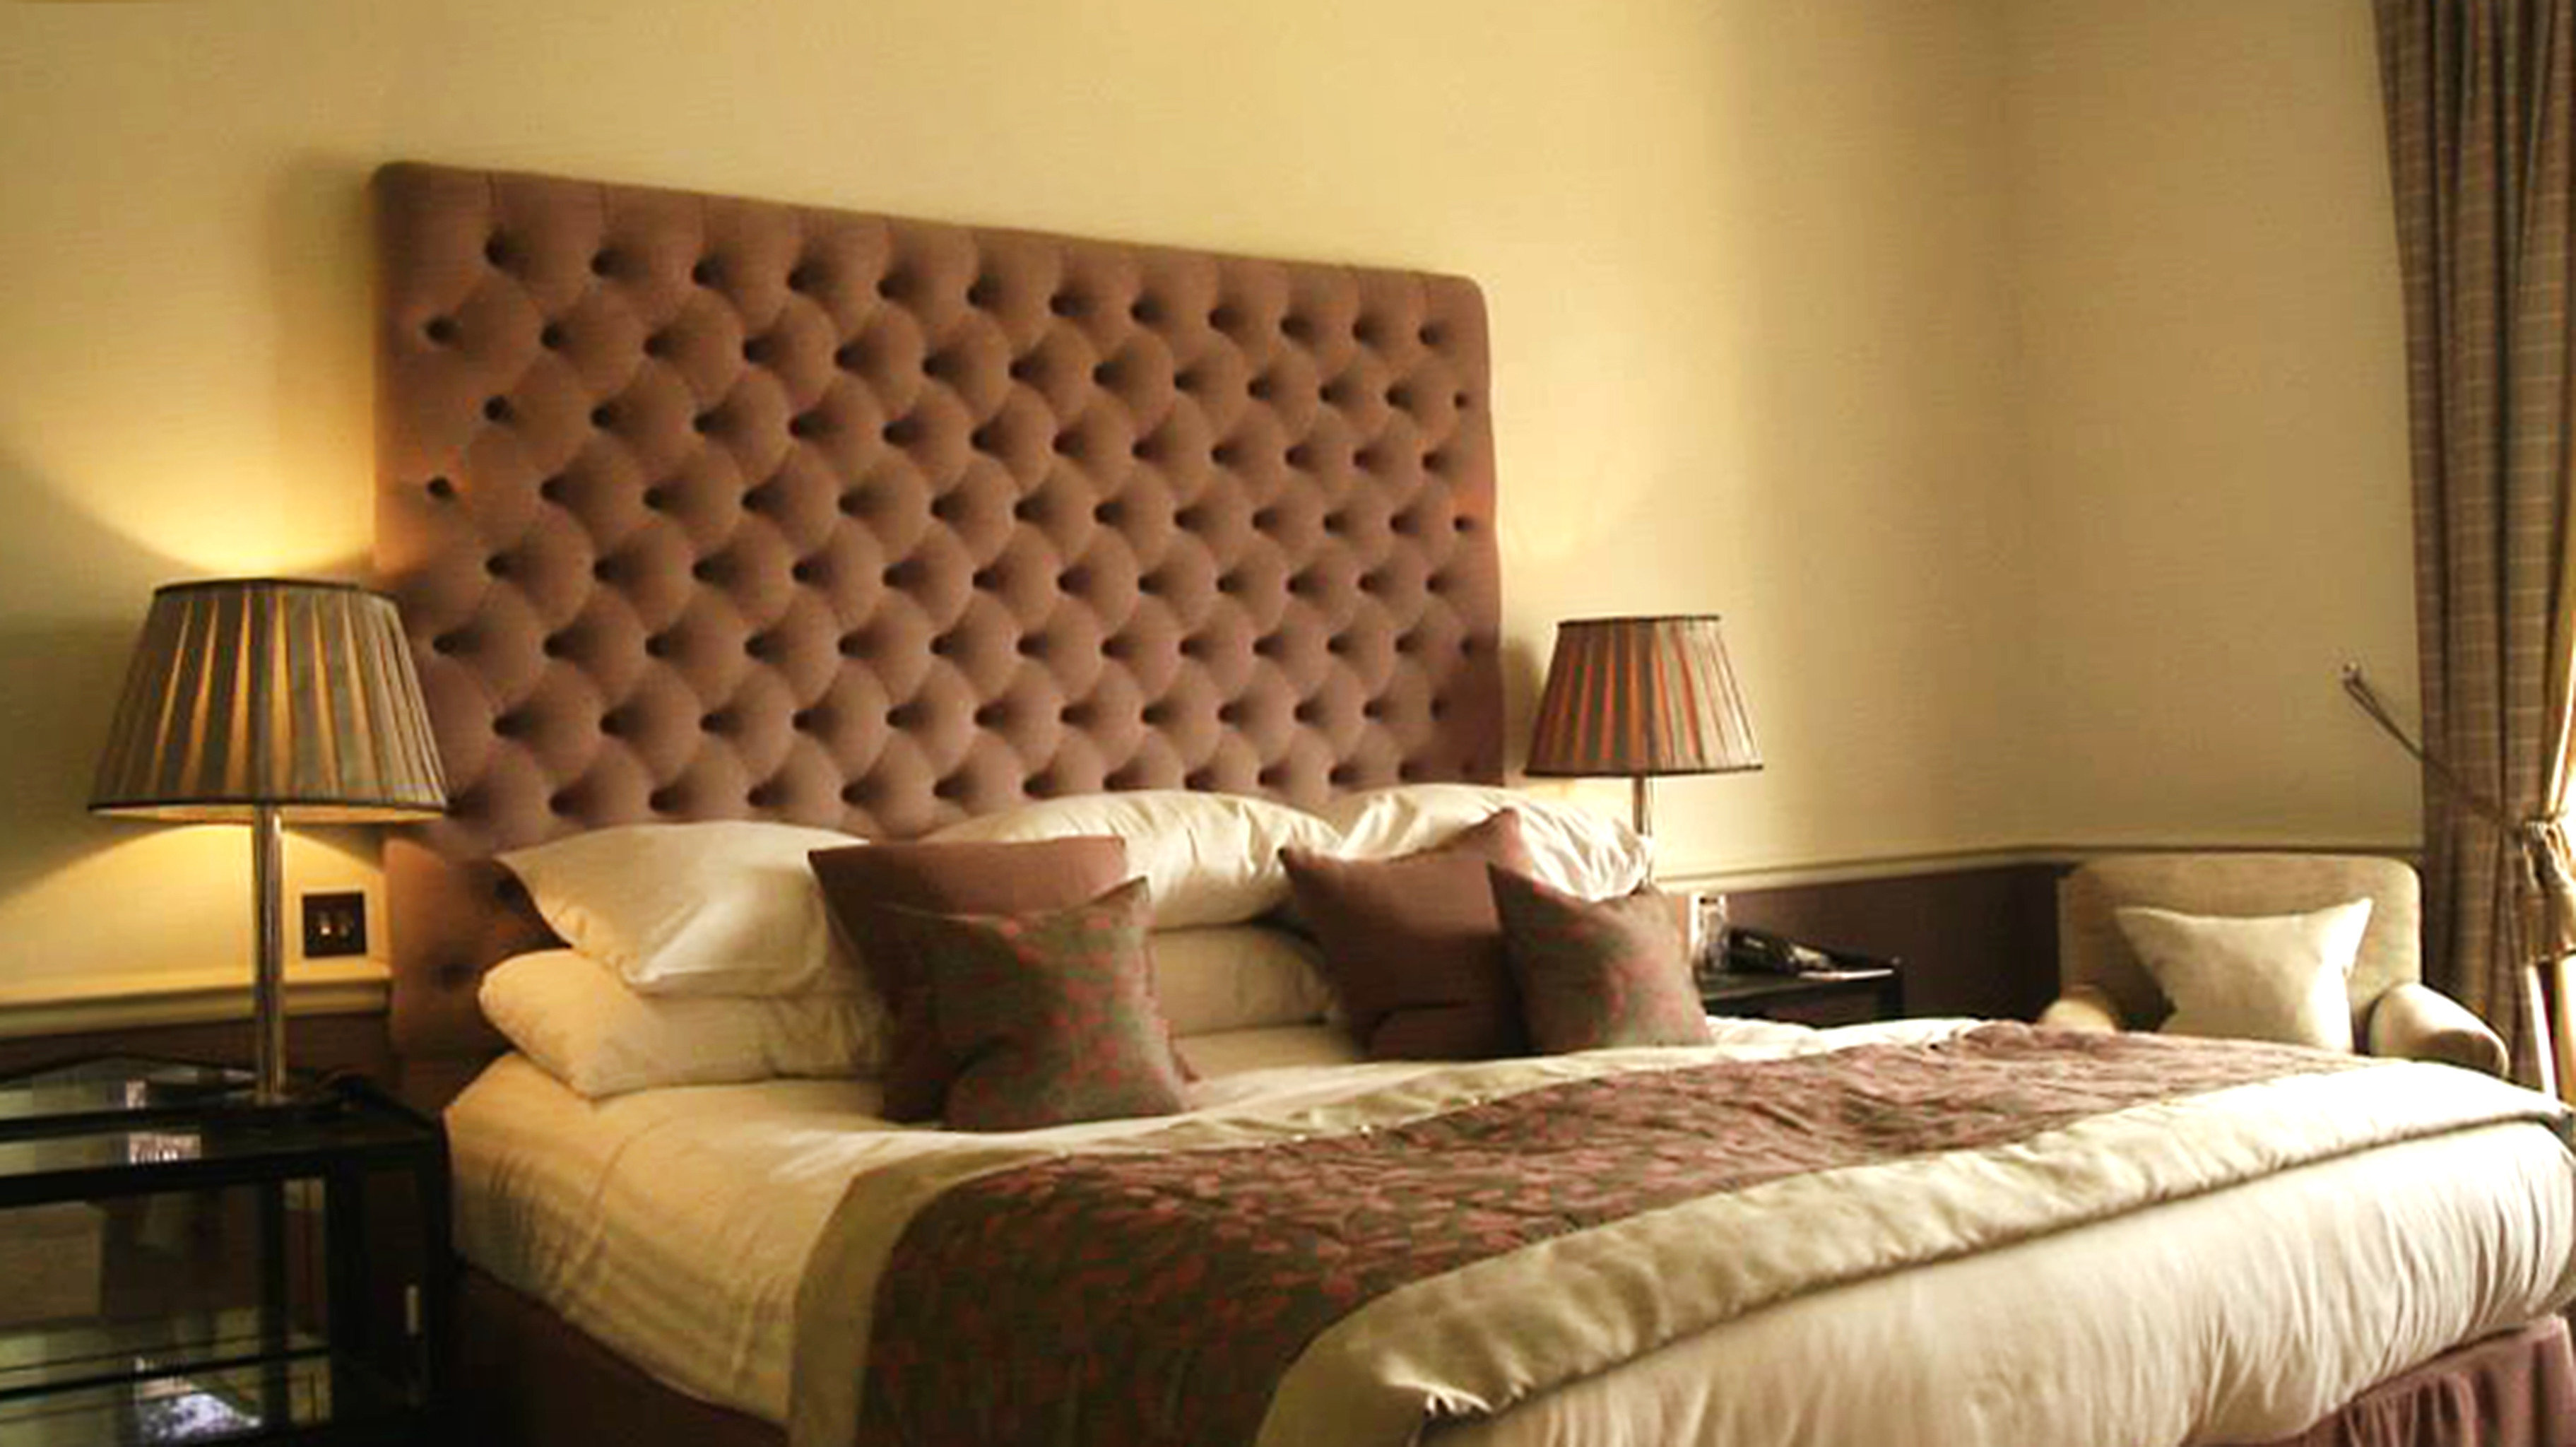 Bedroom Hip Luxury Modern Suite sofa property hardwood living room cottage bed frame bed sheet lamp